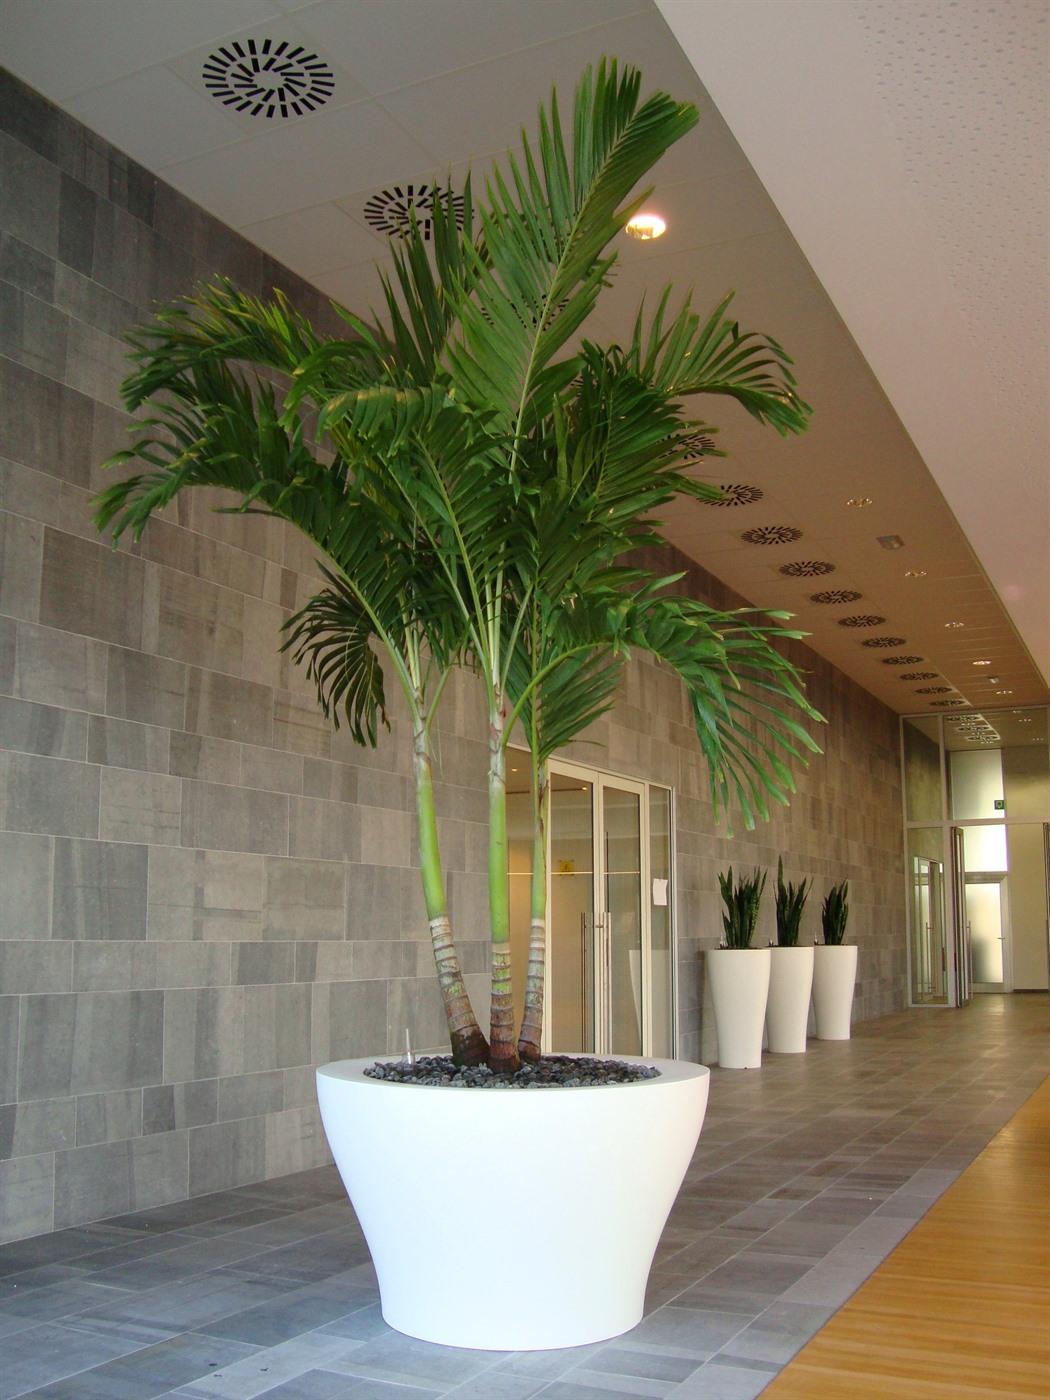 acheter ou louer des plantes et arbres exotiques pour votre bureau. Black Bedroom Furniture Sets. Home Design Ideas